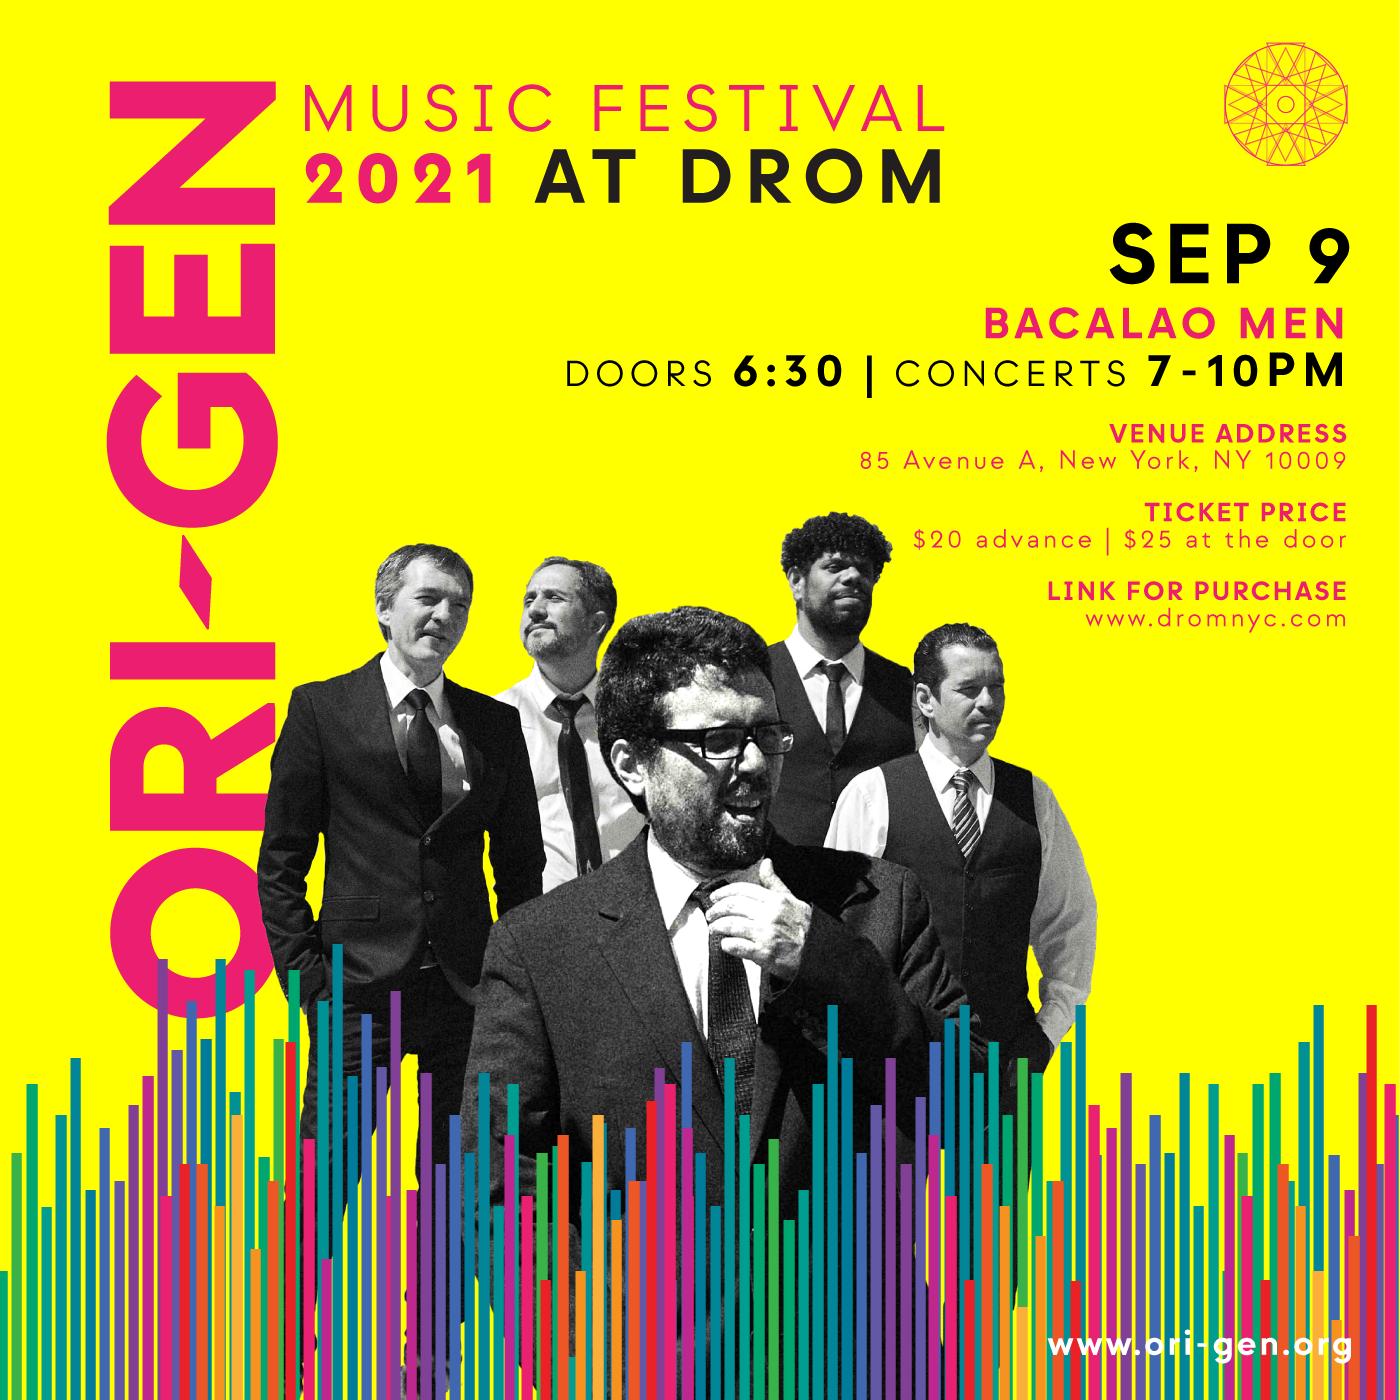 ORI-GEN-MUSICFest2021-FB-IG-BacalaoMen